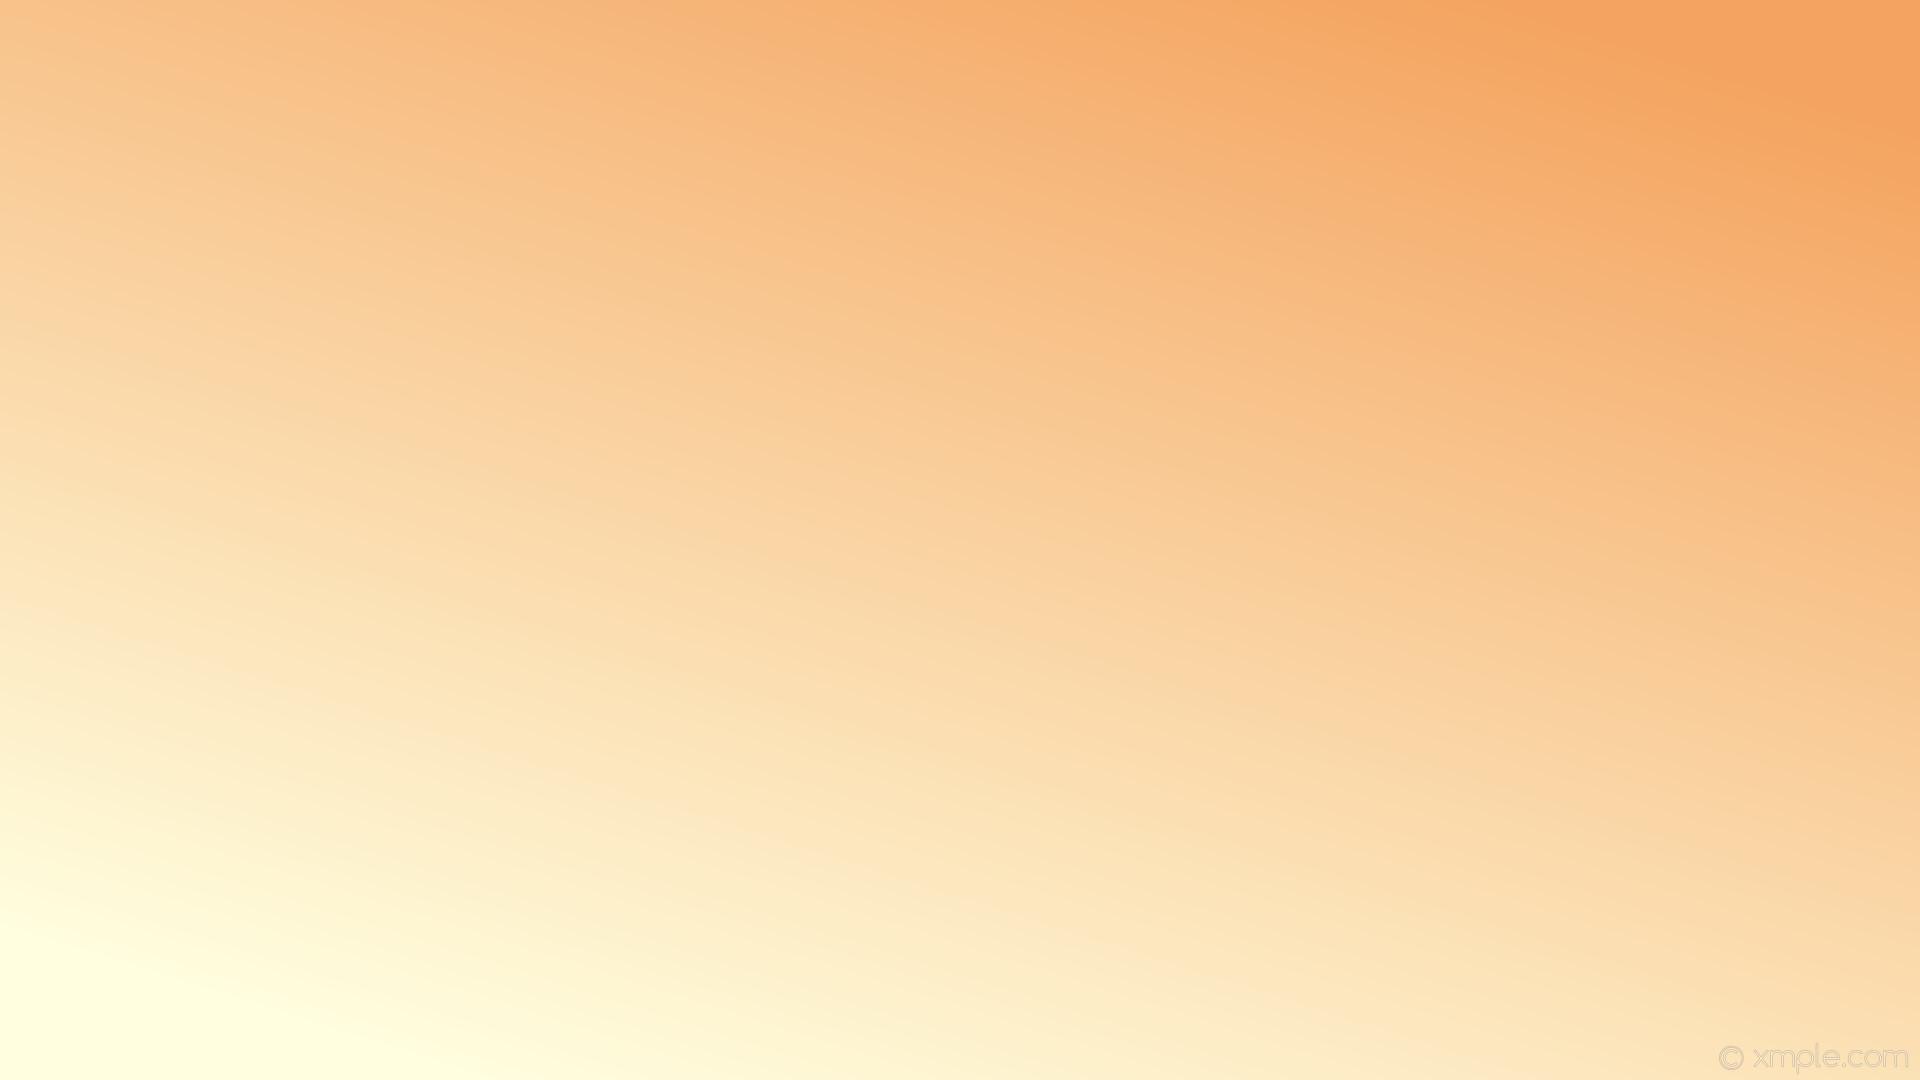 wallpaper linear brown yellow gradient sandy brown light yellow #f4a460  #ffffe0 45°